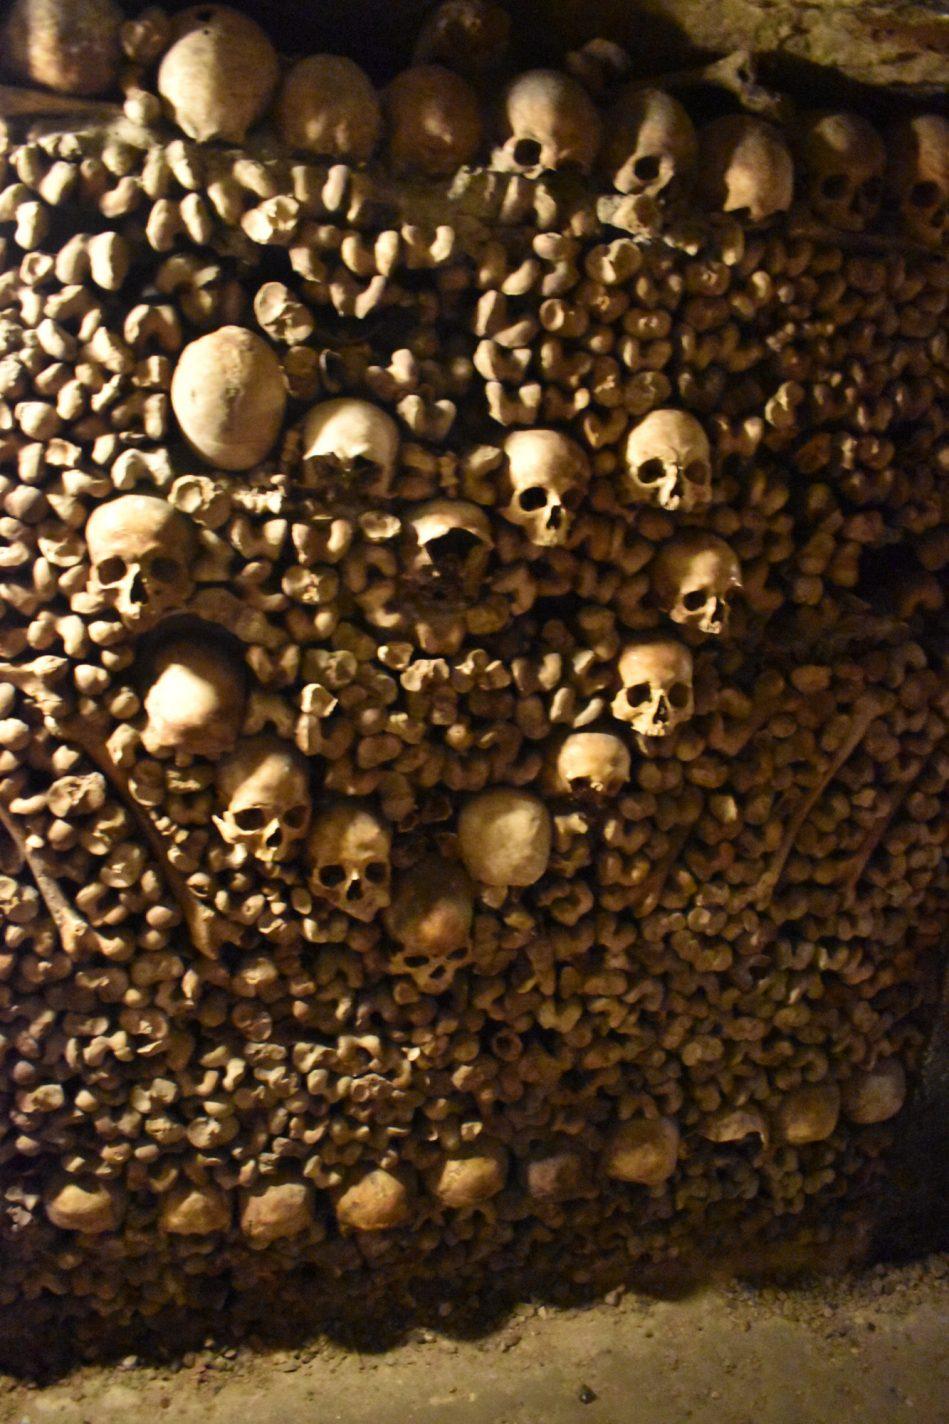 Opeengestapelde beenderen en schedels in les Catacombes